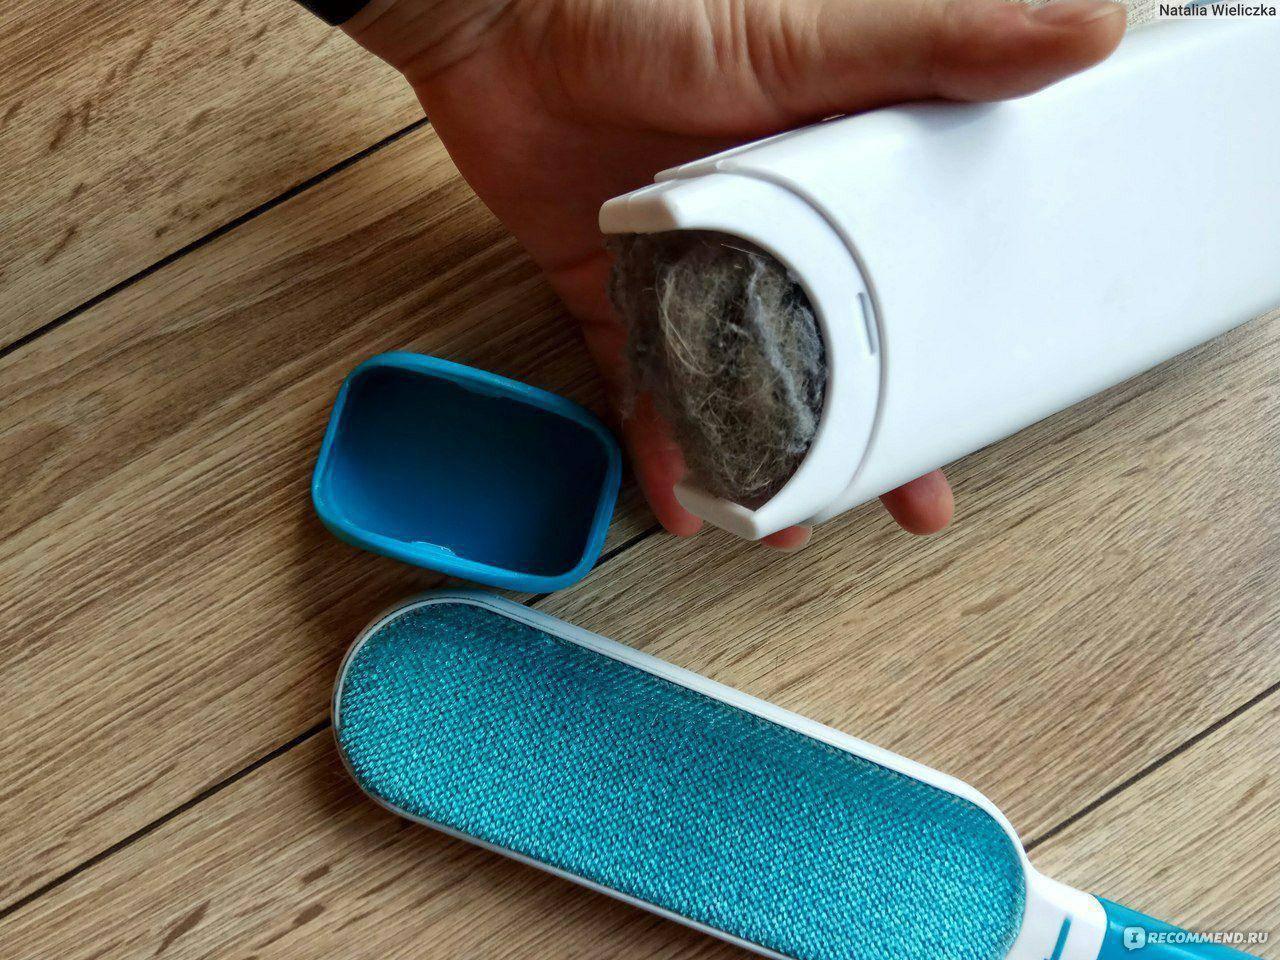 Как избавиться от шерсти кошек и собак в квартире | дома, как убрать